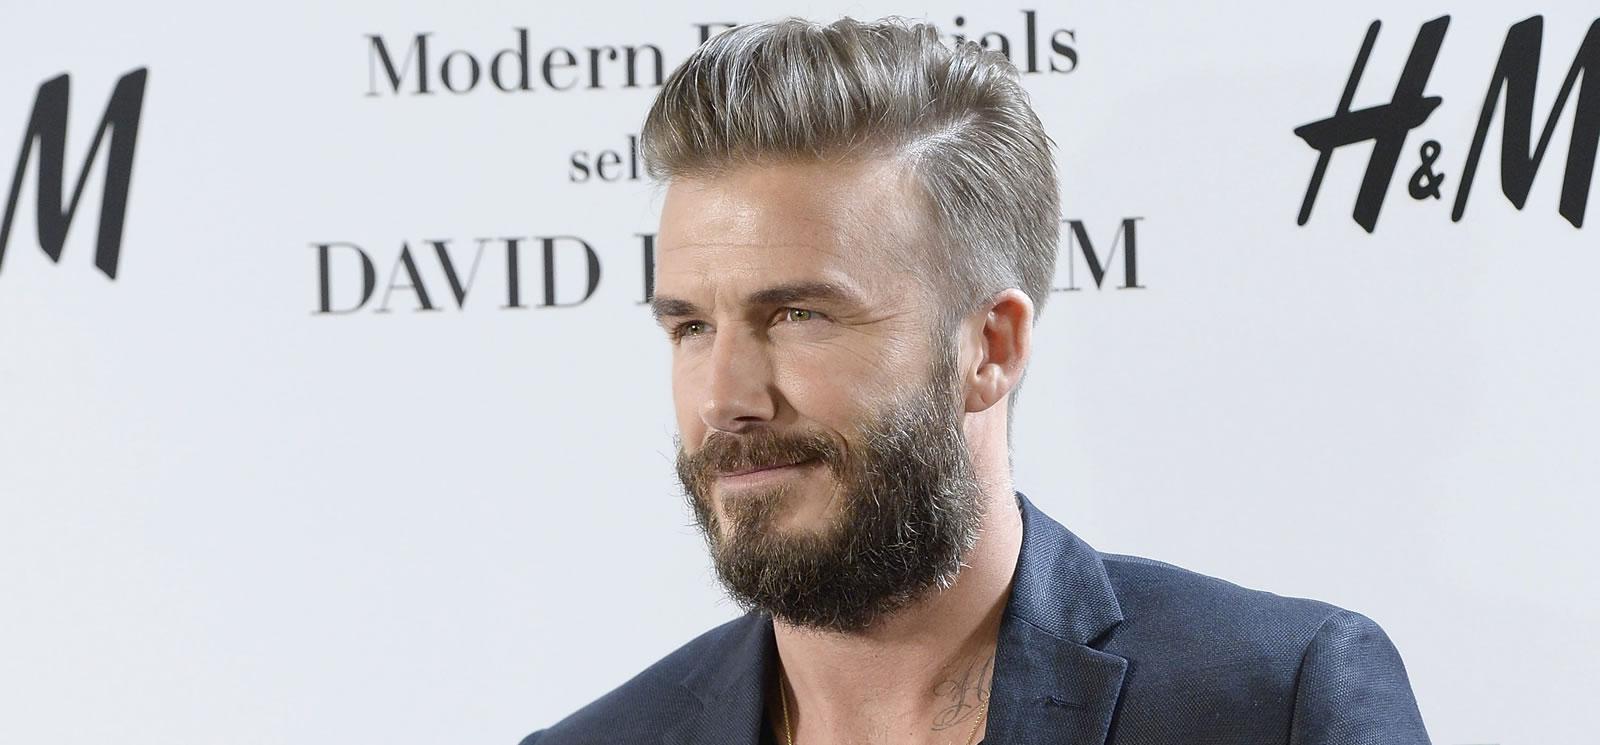 Estremamente Tendenze moda-capelli per l'uomo BO78